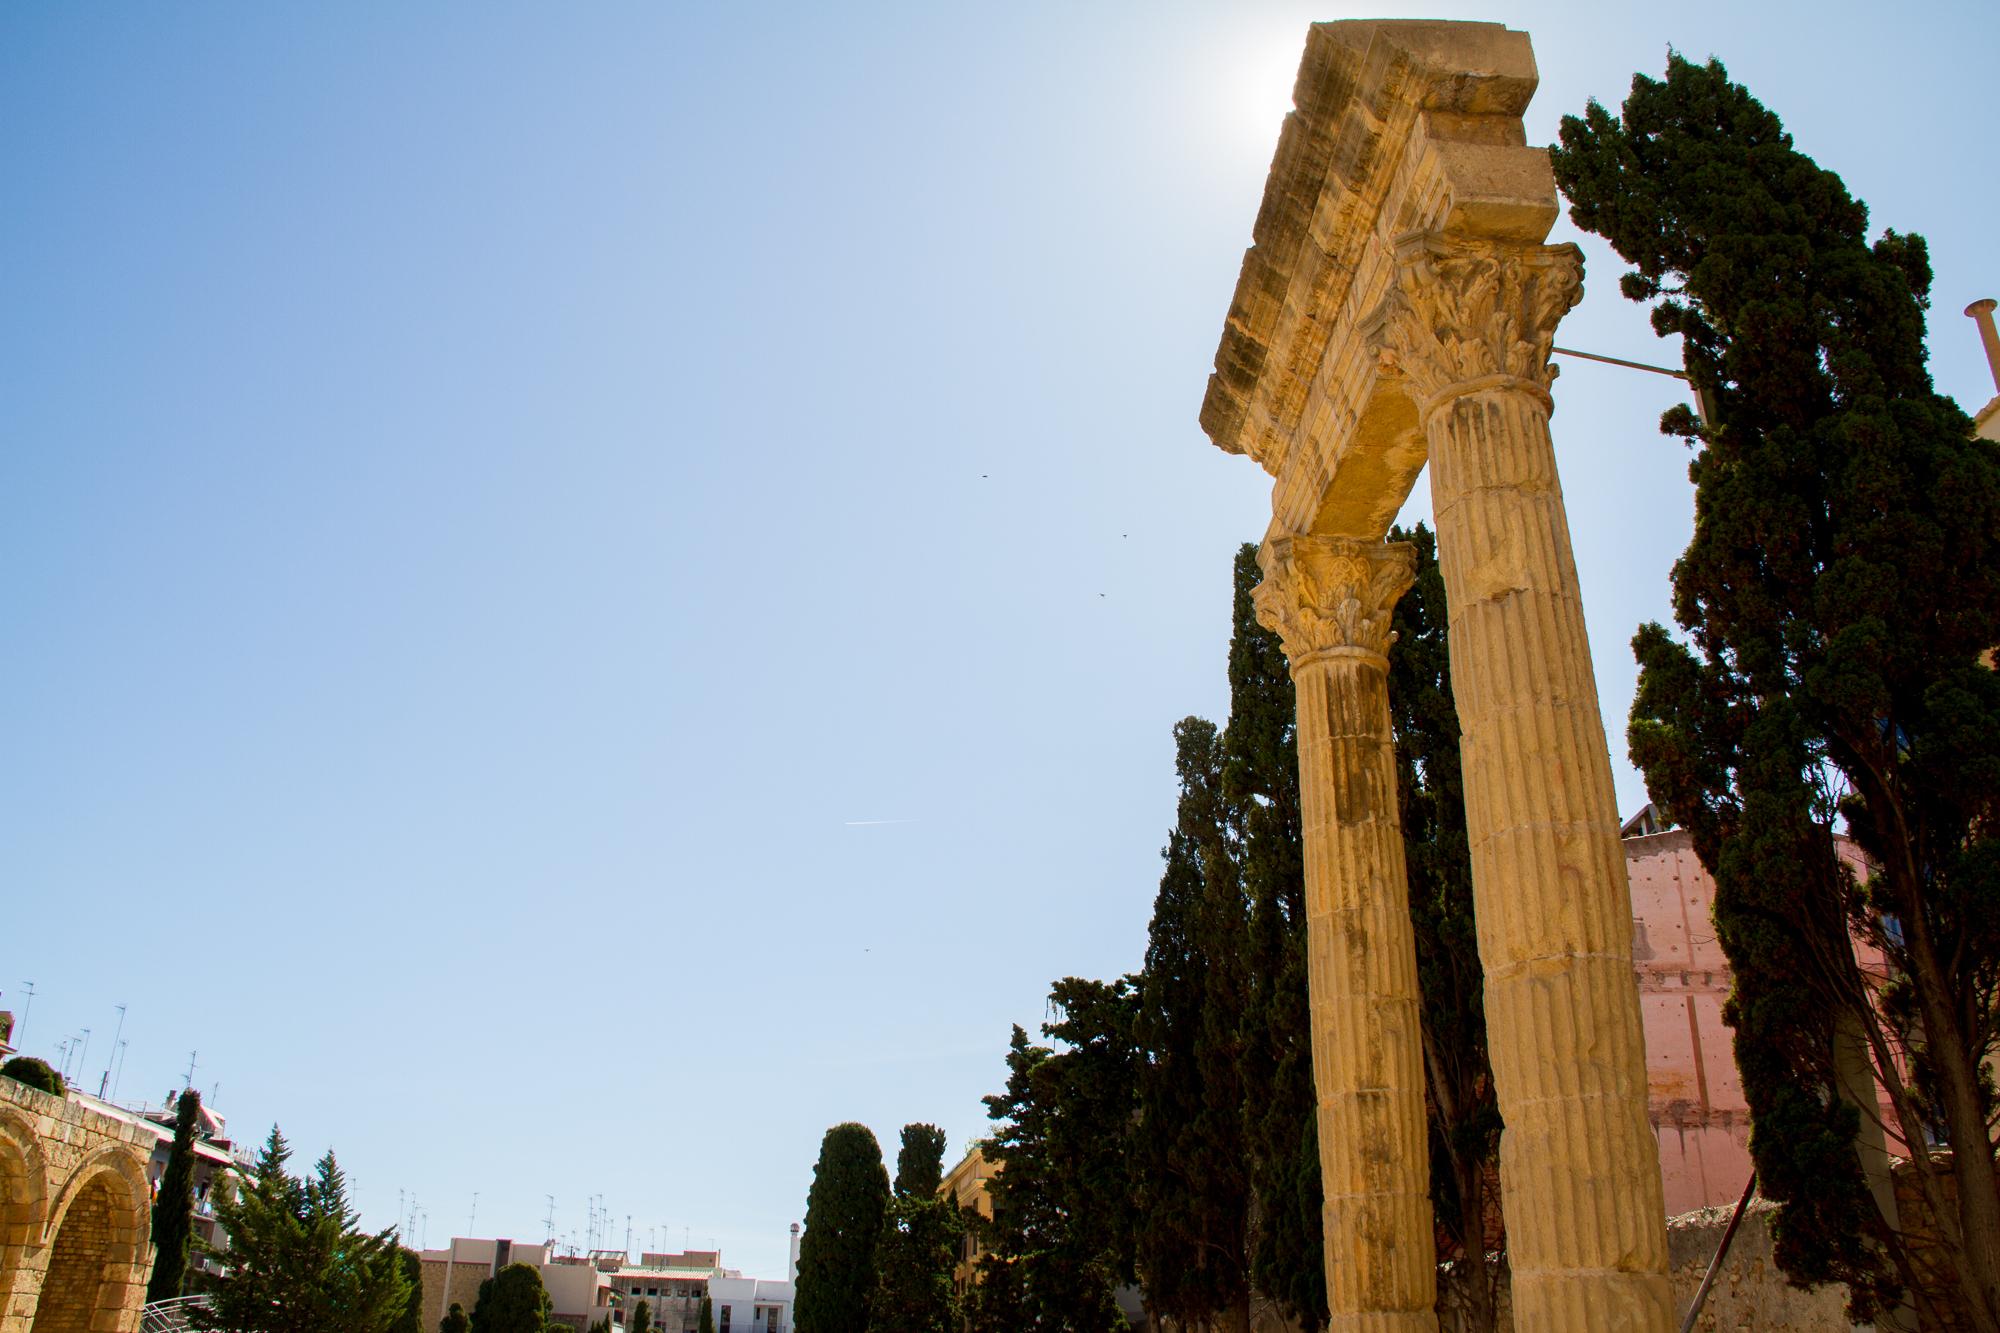 Forum romain tarragone